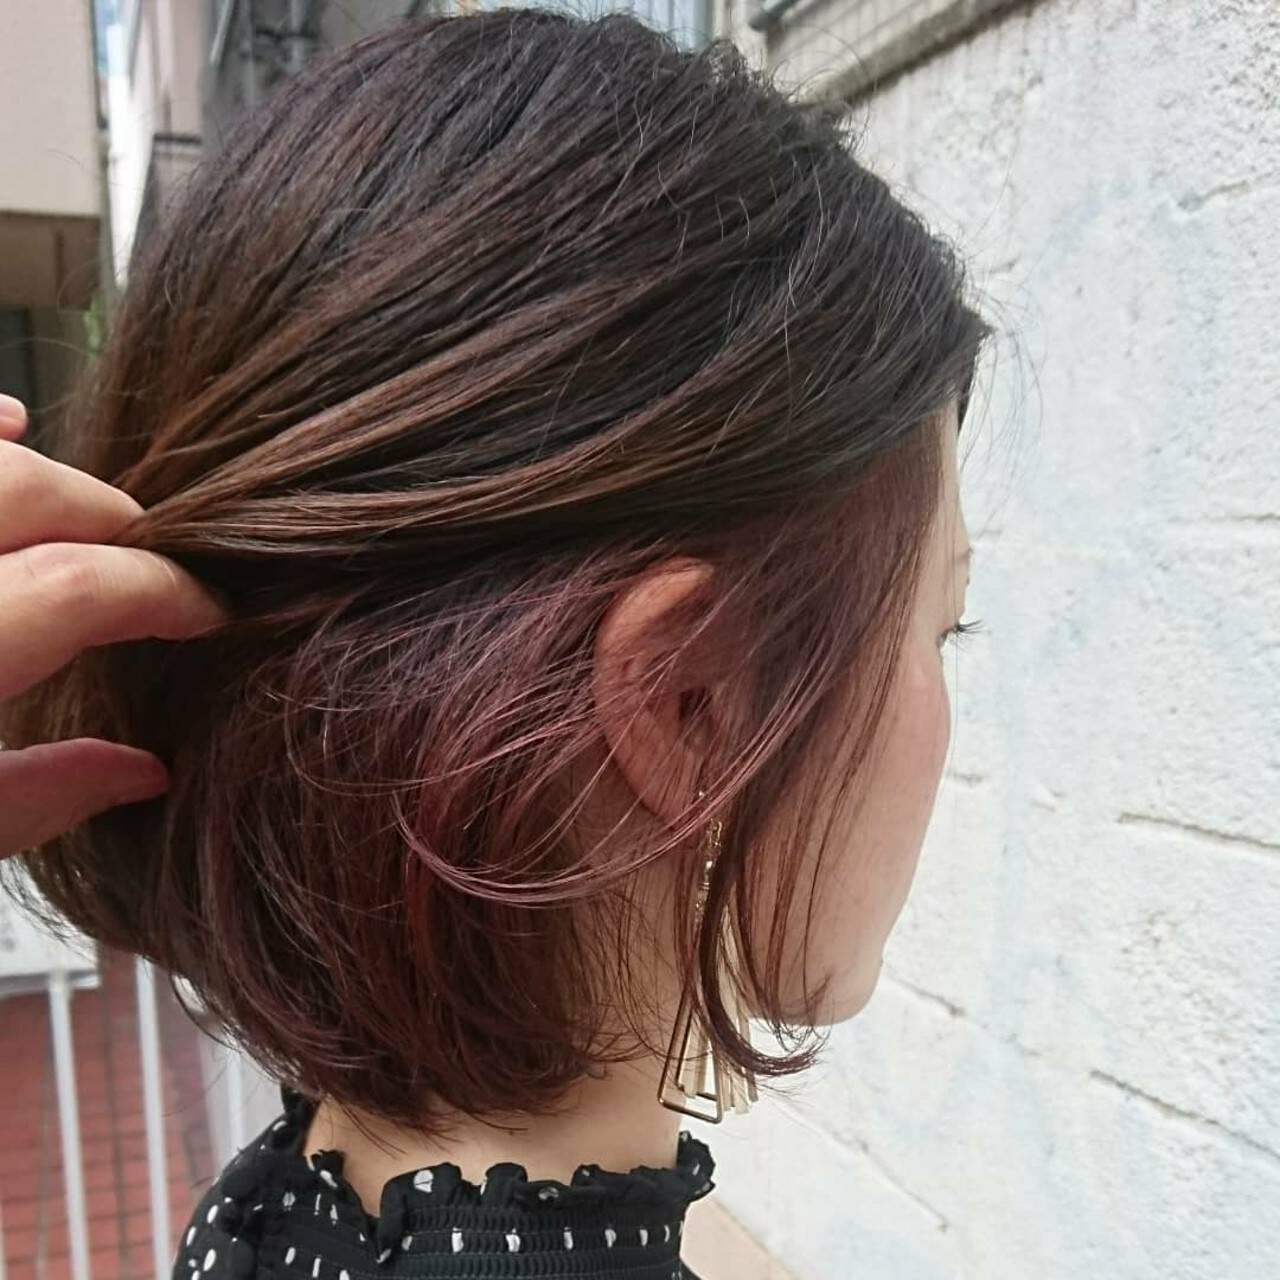 透明感 ボブ グレージュ インナーカラーヘアスタイルや髪型の写真・画像